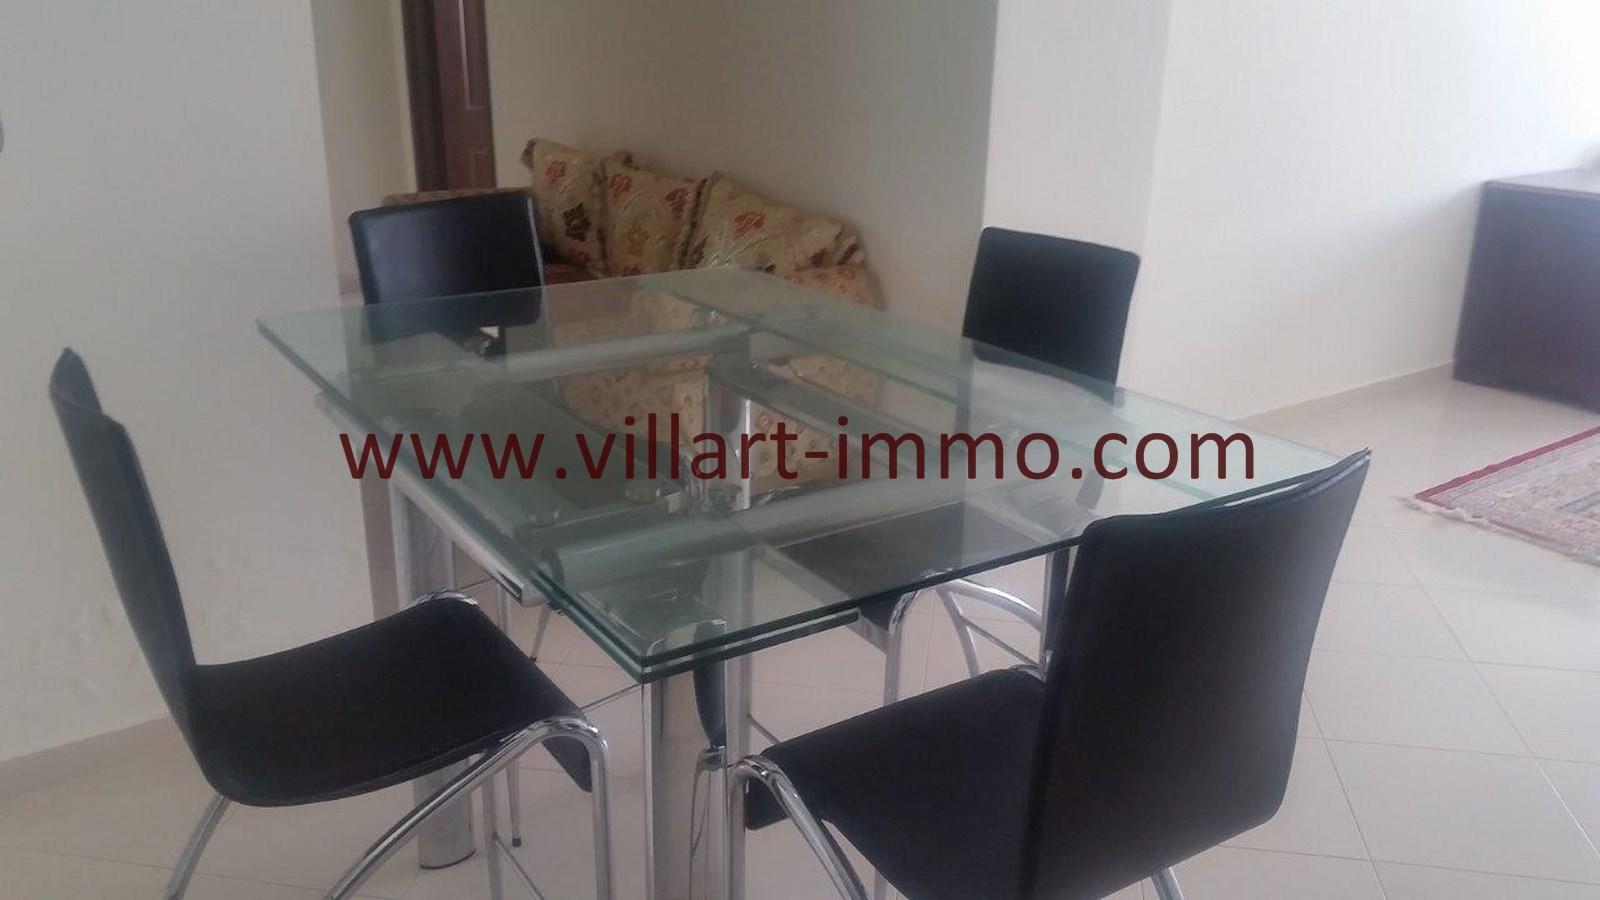 2-location-appartement-meuble-tanger-salle-a-manger-l955-villart-immo